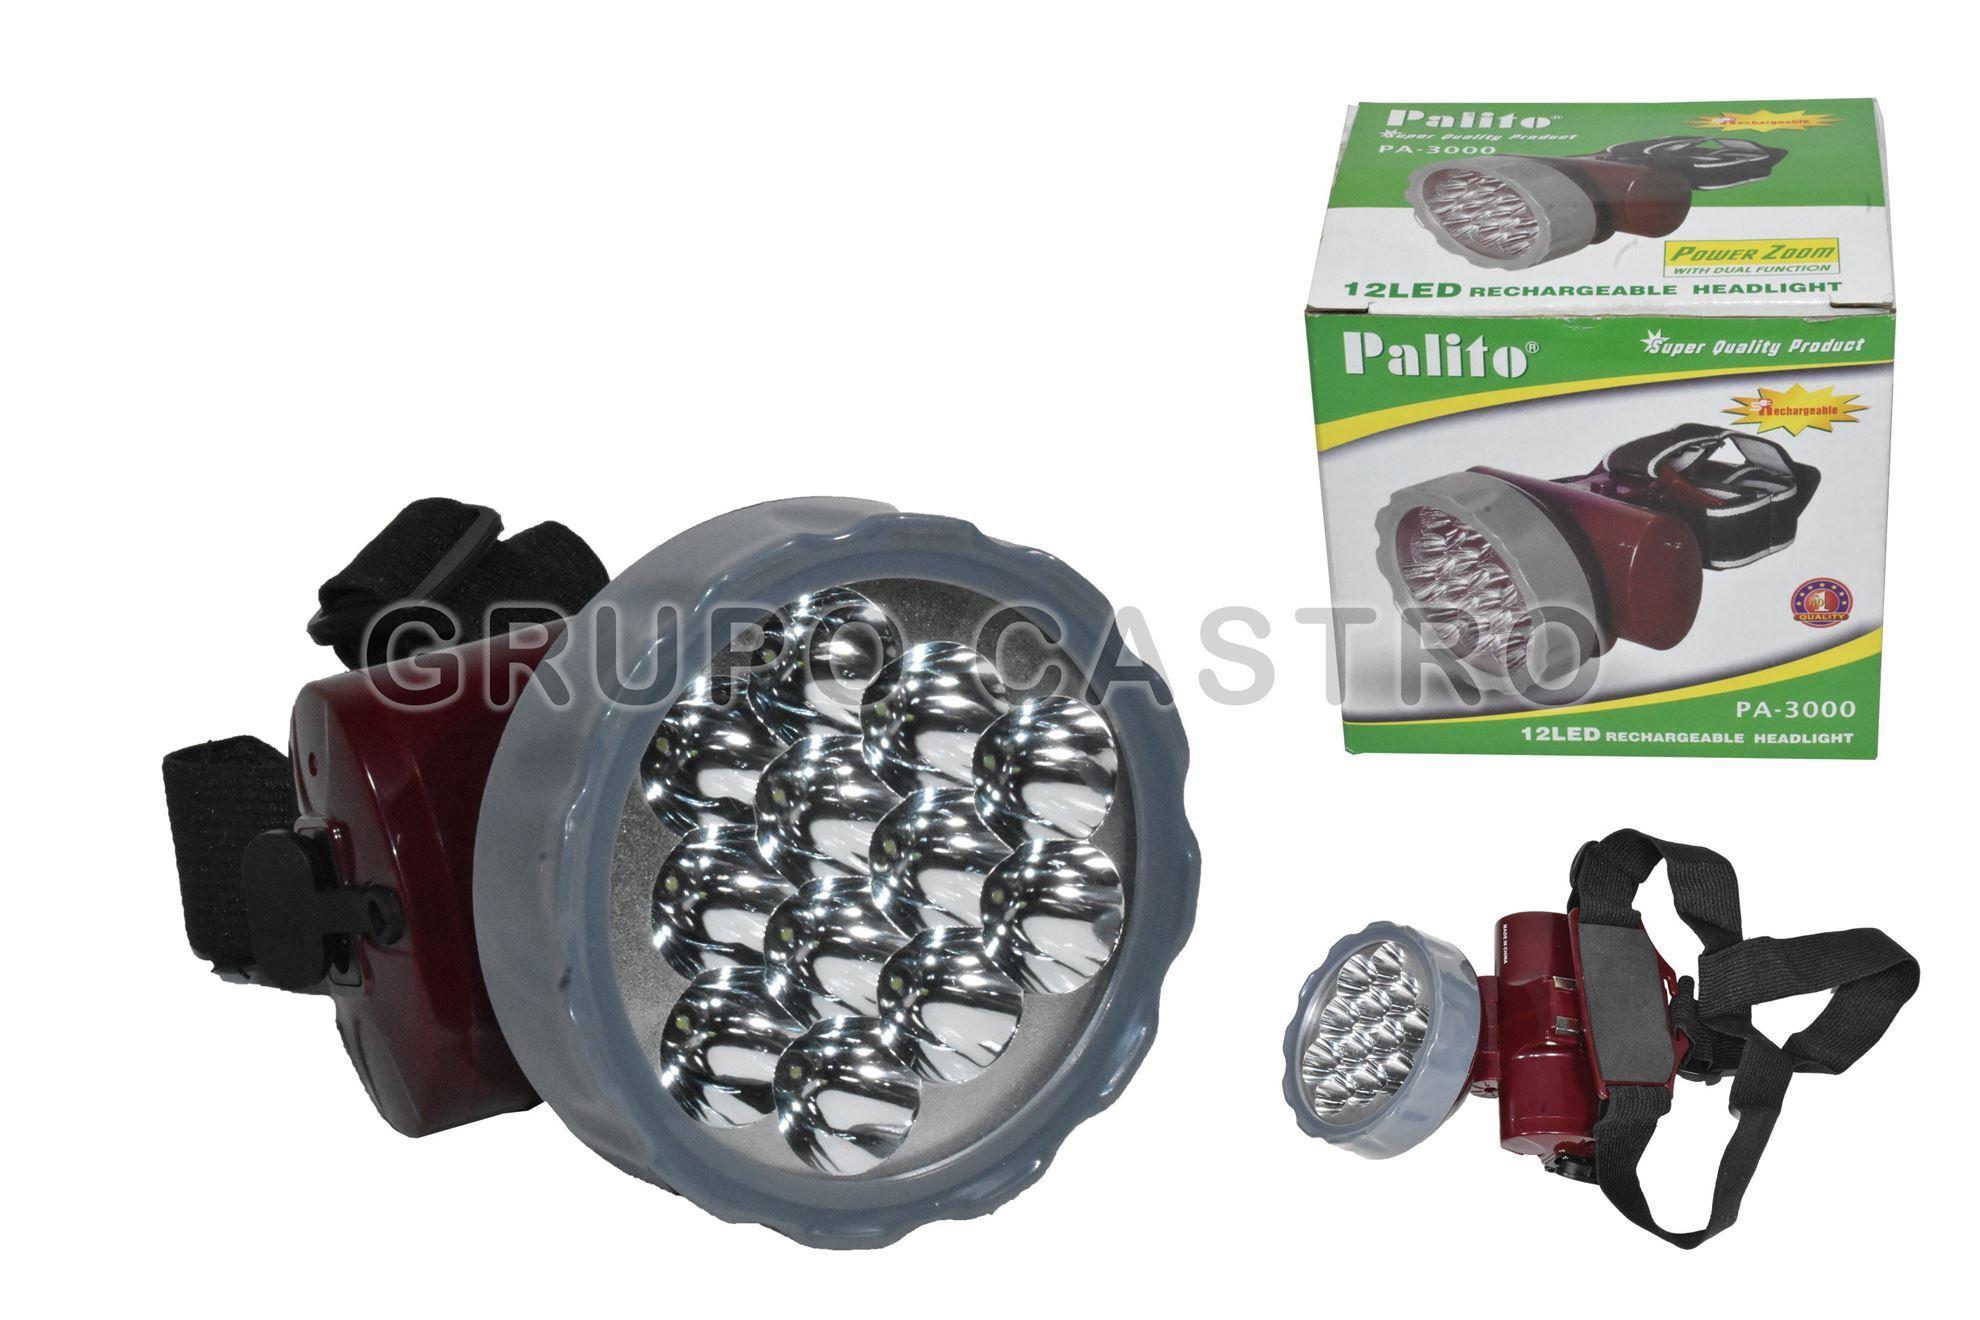 Foto de FOCO LINTERNA PALITO PA-3000 CABEZA MINERA 13 LED RECARGABLE AC90-240V 50-60HZ